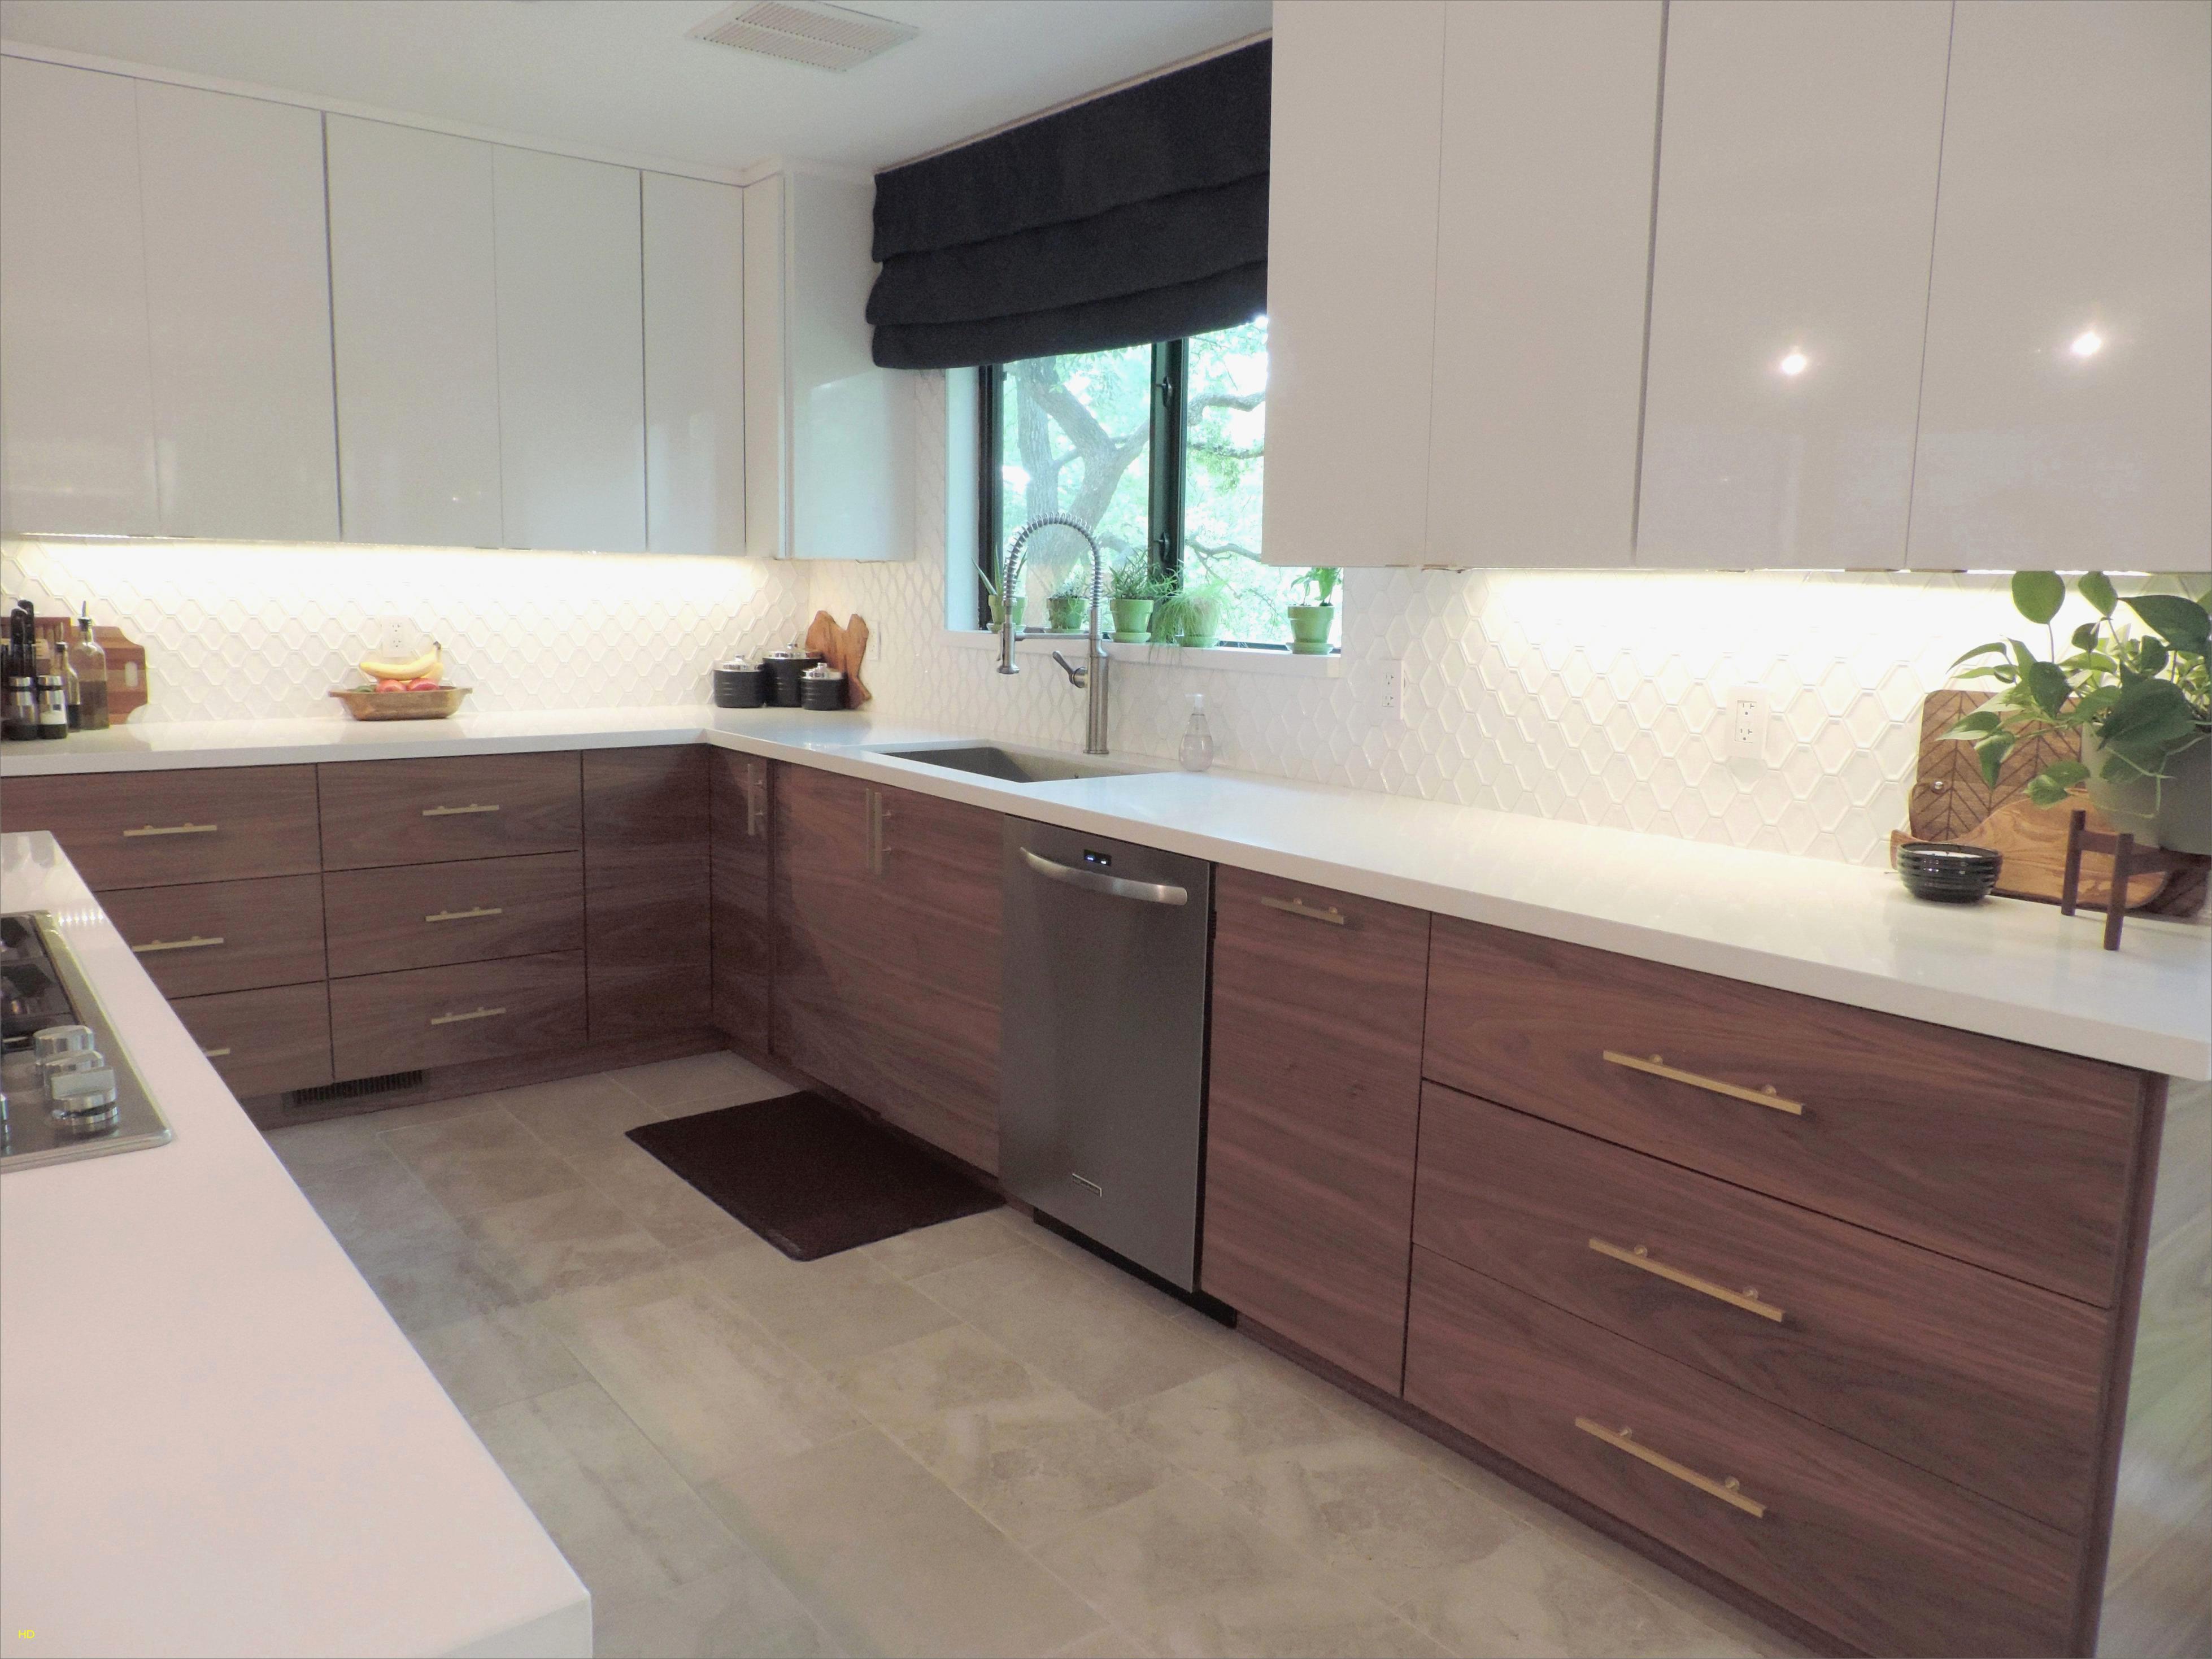 Ikea Salle De Bains Beau Photographie Le Plus Applique Exterieur Ikea Idée – Sullivanmaxx